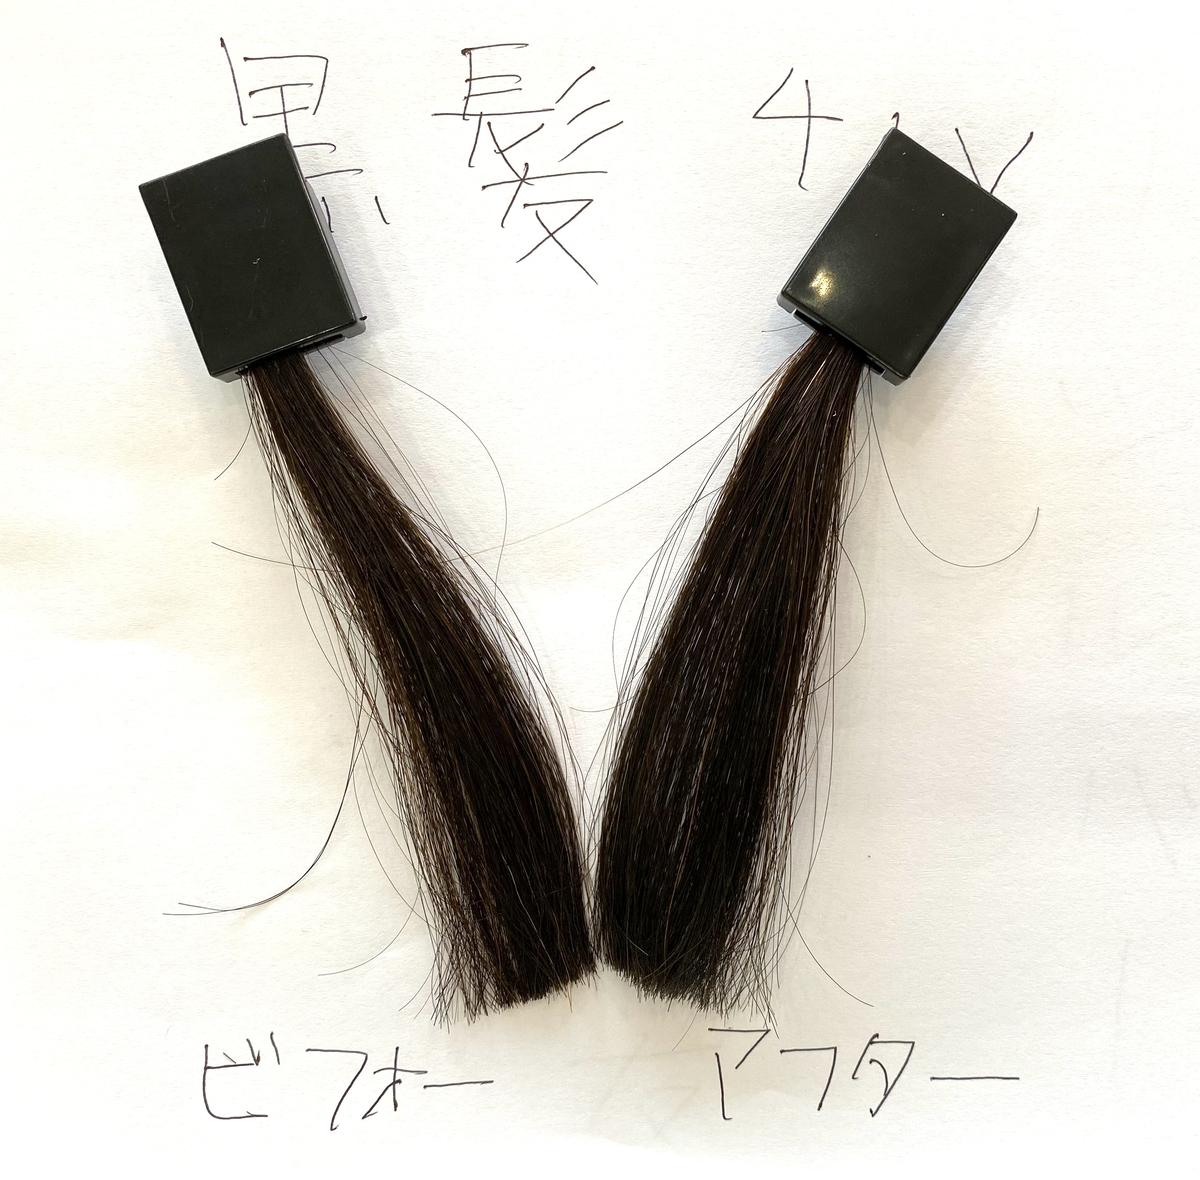 画面左が黒髪で画面右が黒髪にダークシルバーで染めた毛束